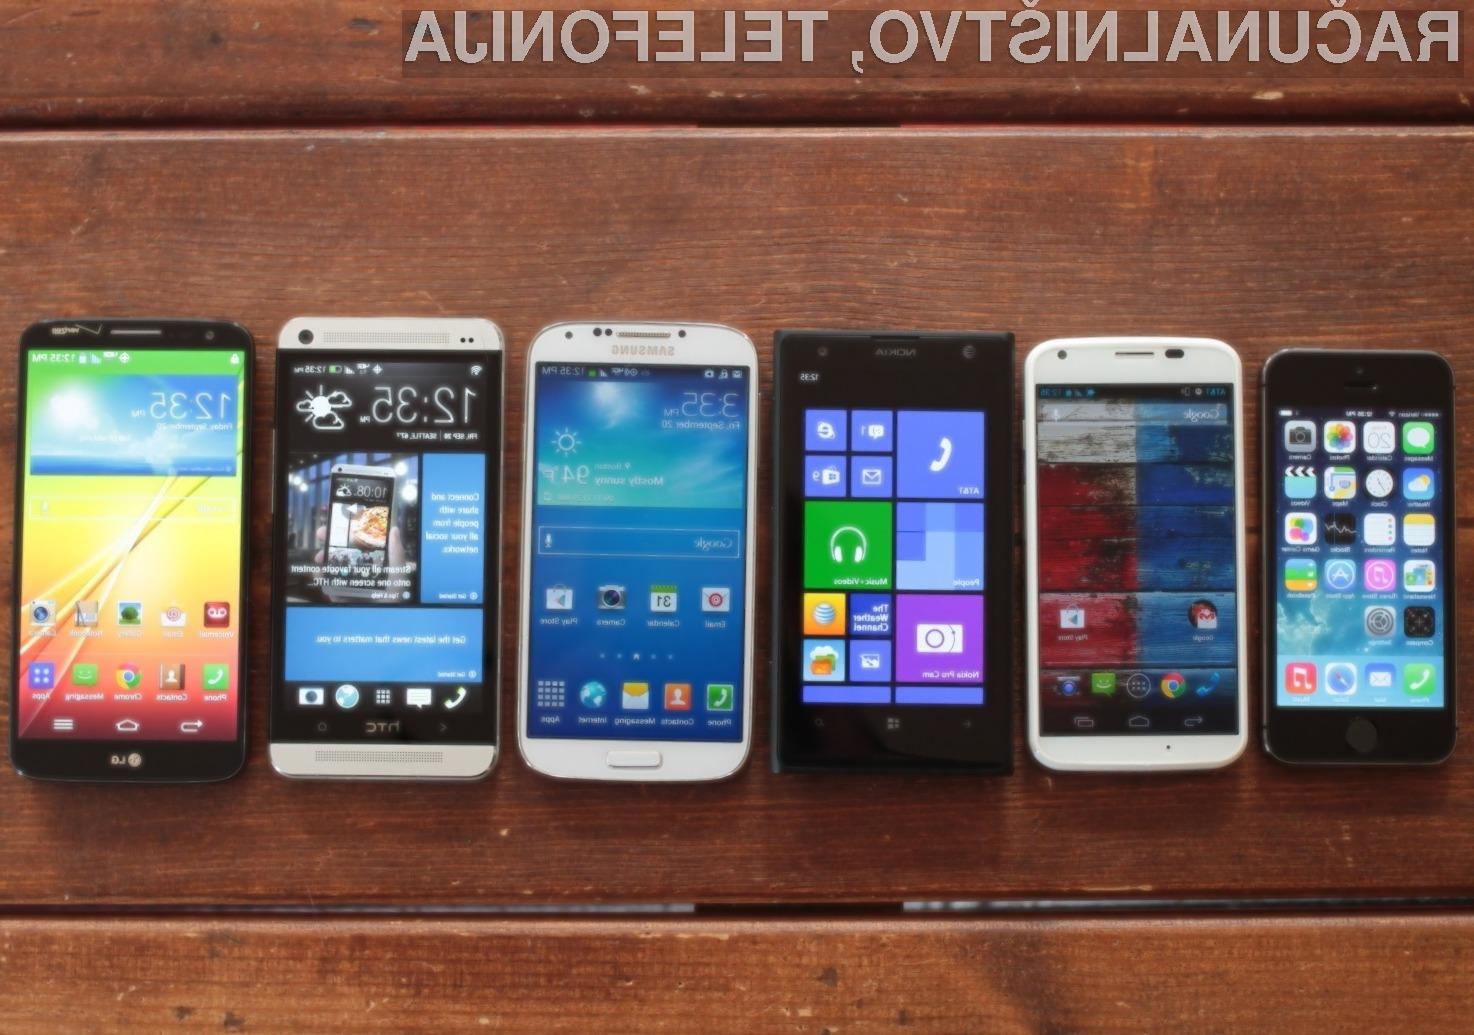 Samsung izgublja tržni delež